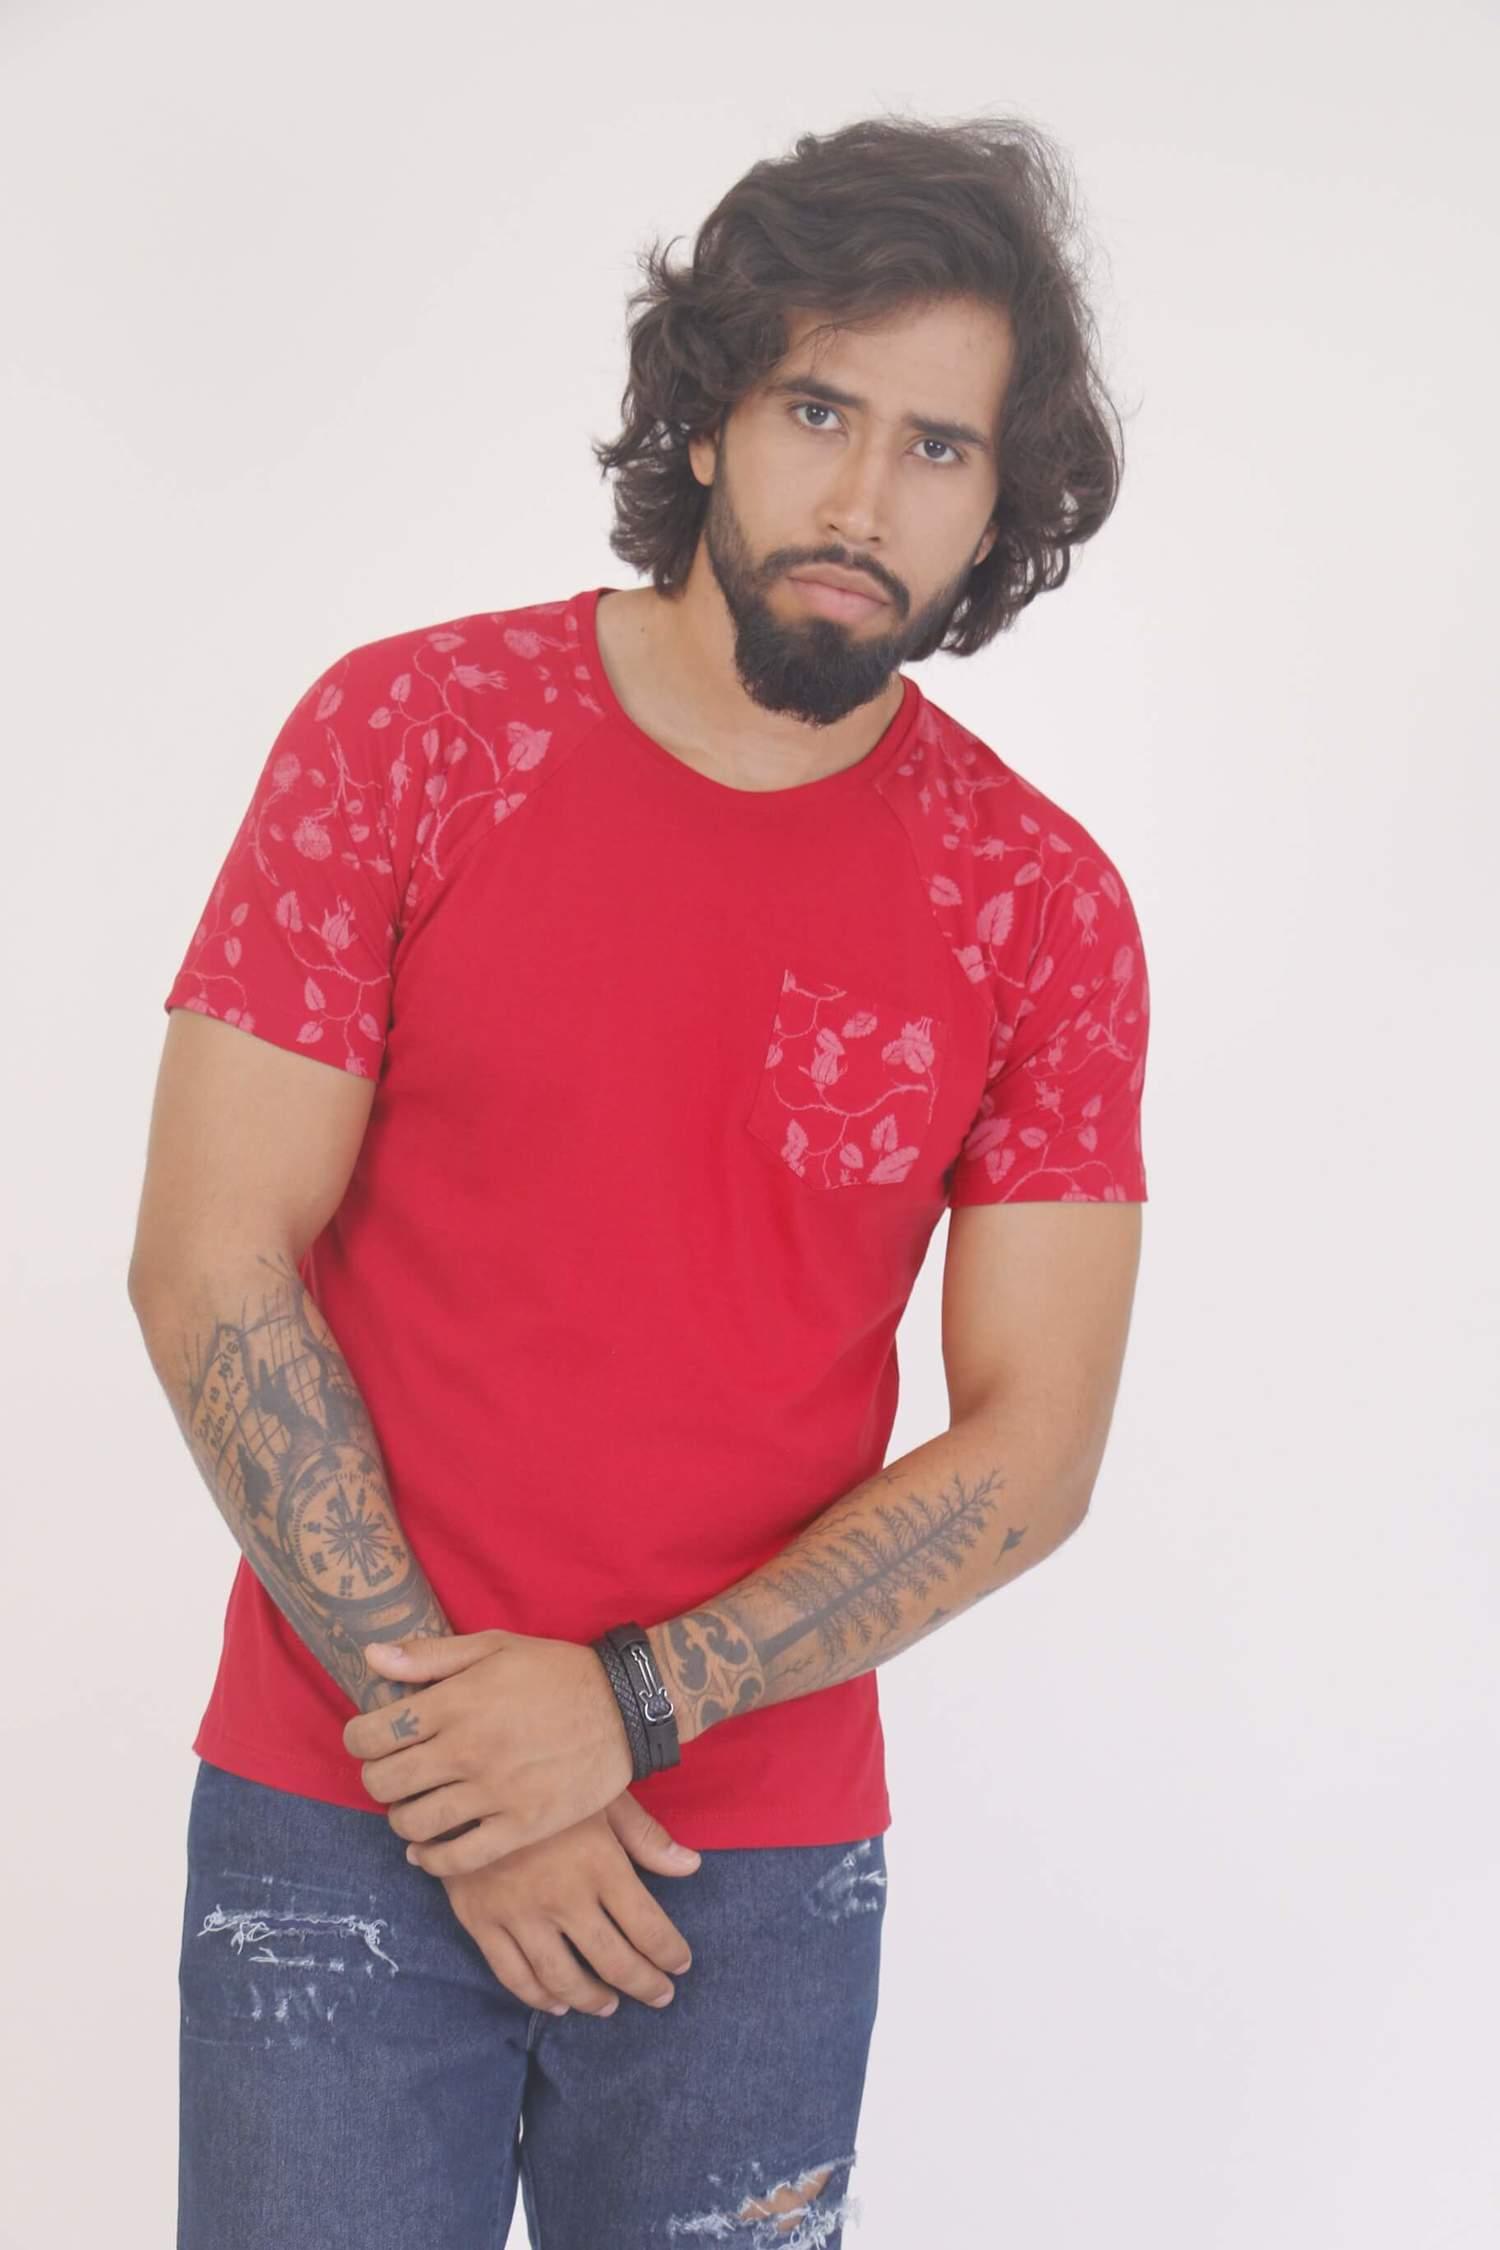 Camiseta Vermelha com Manga Estampada